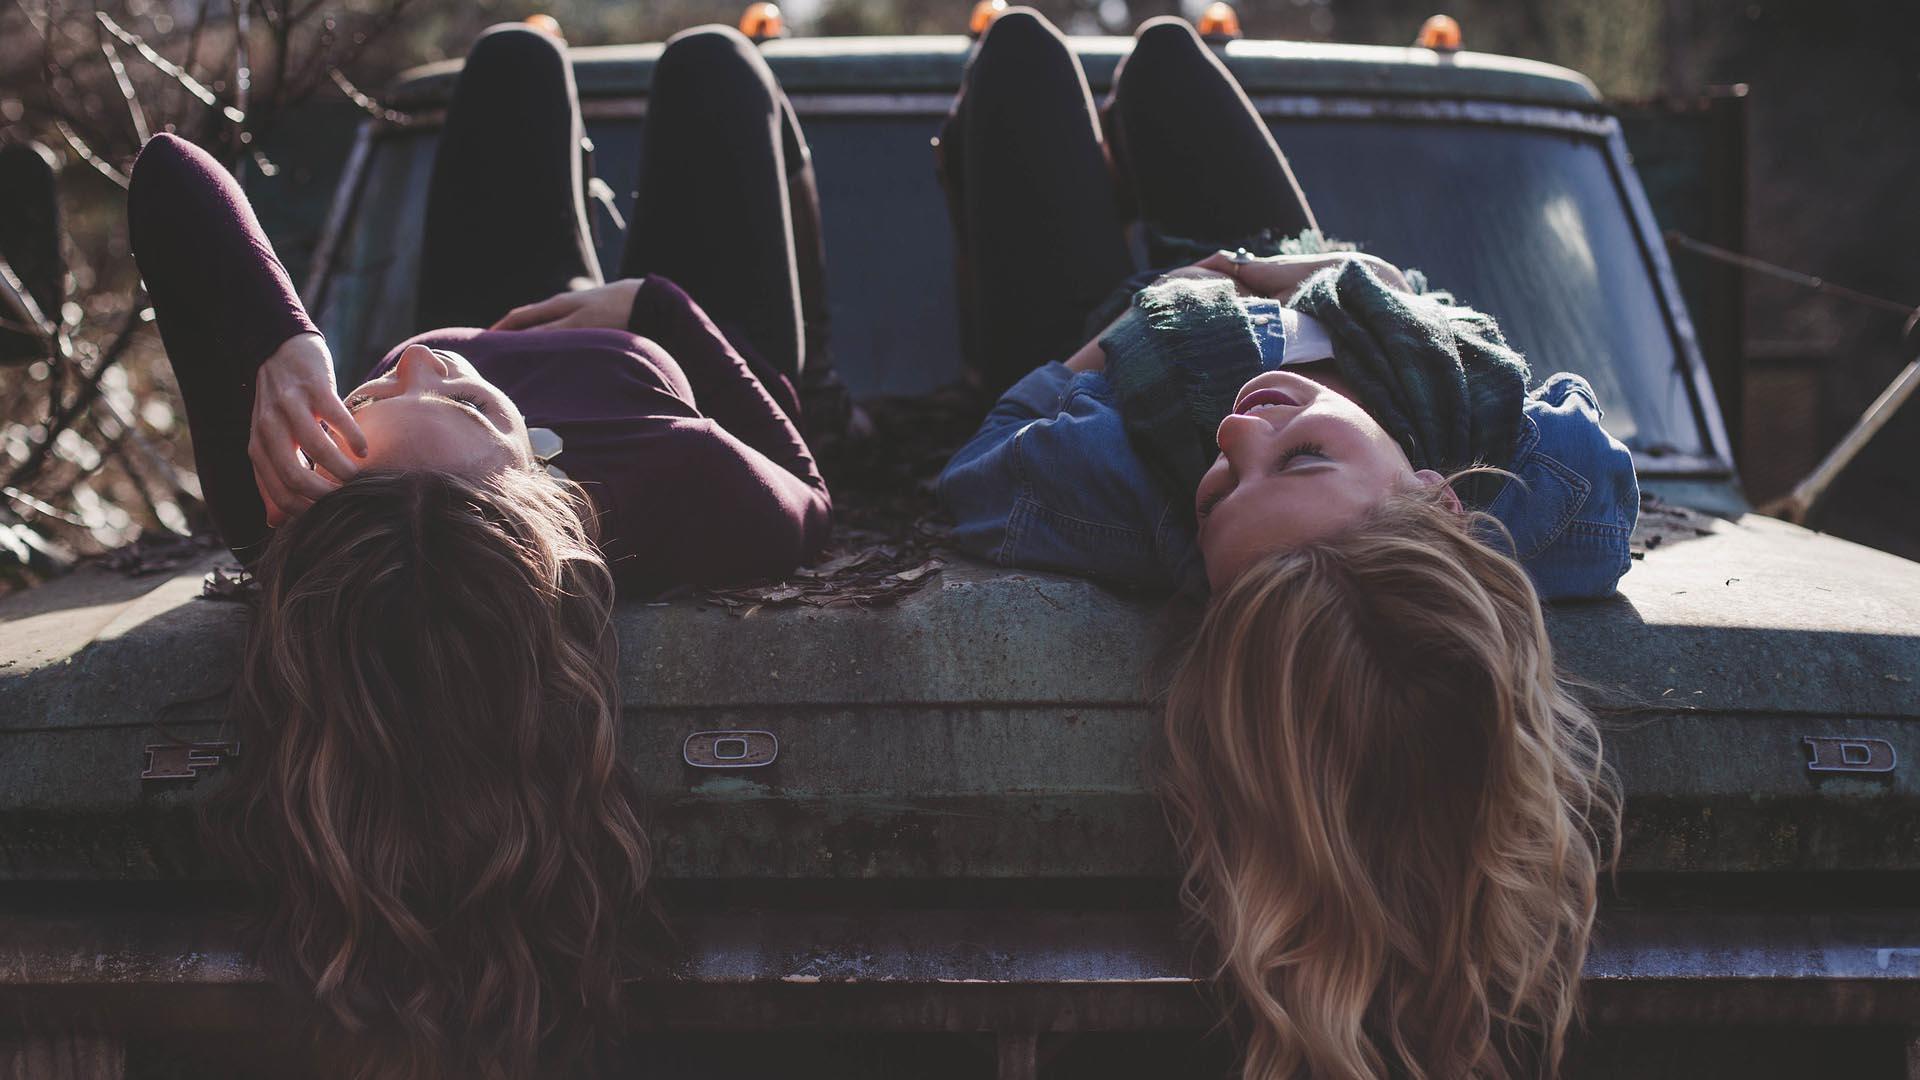 12 Tipp, hogy Jó barát legyél